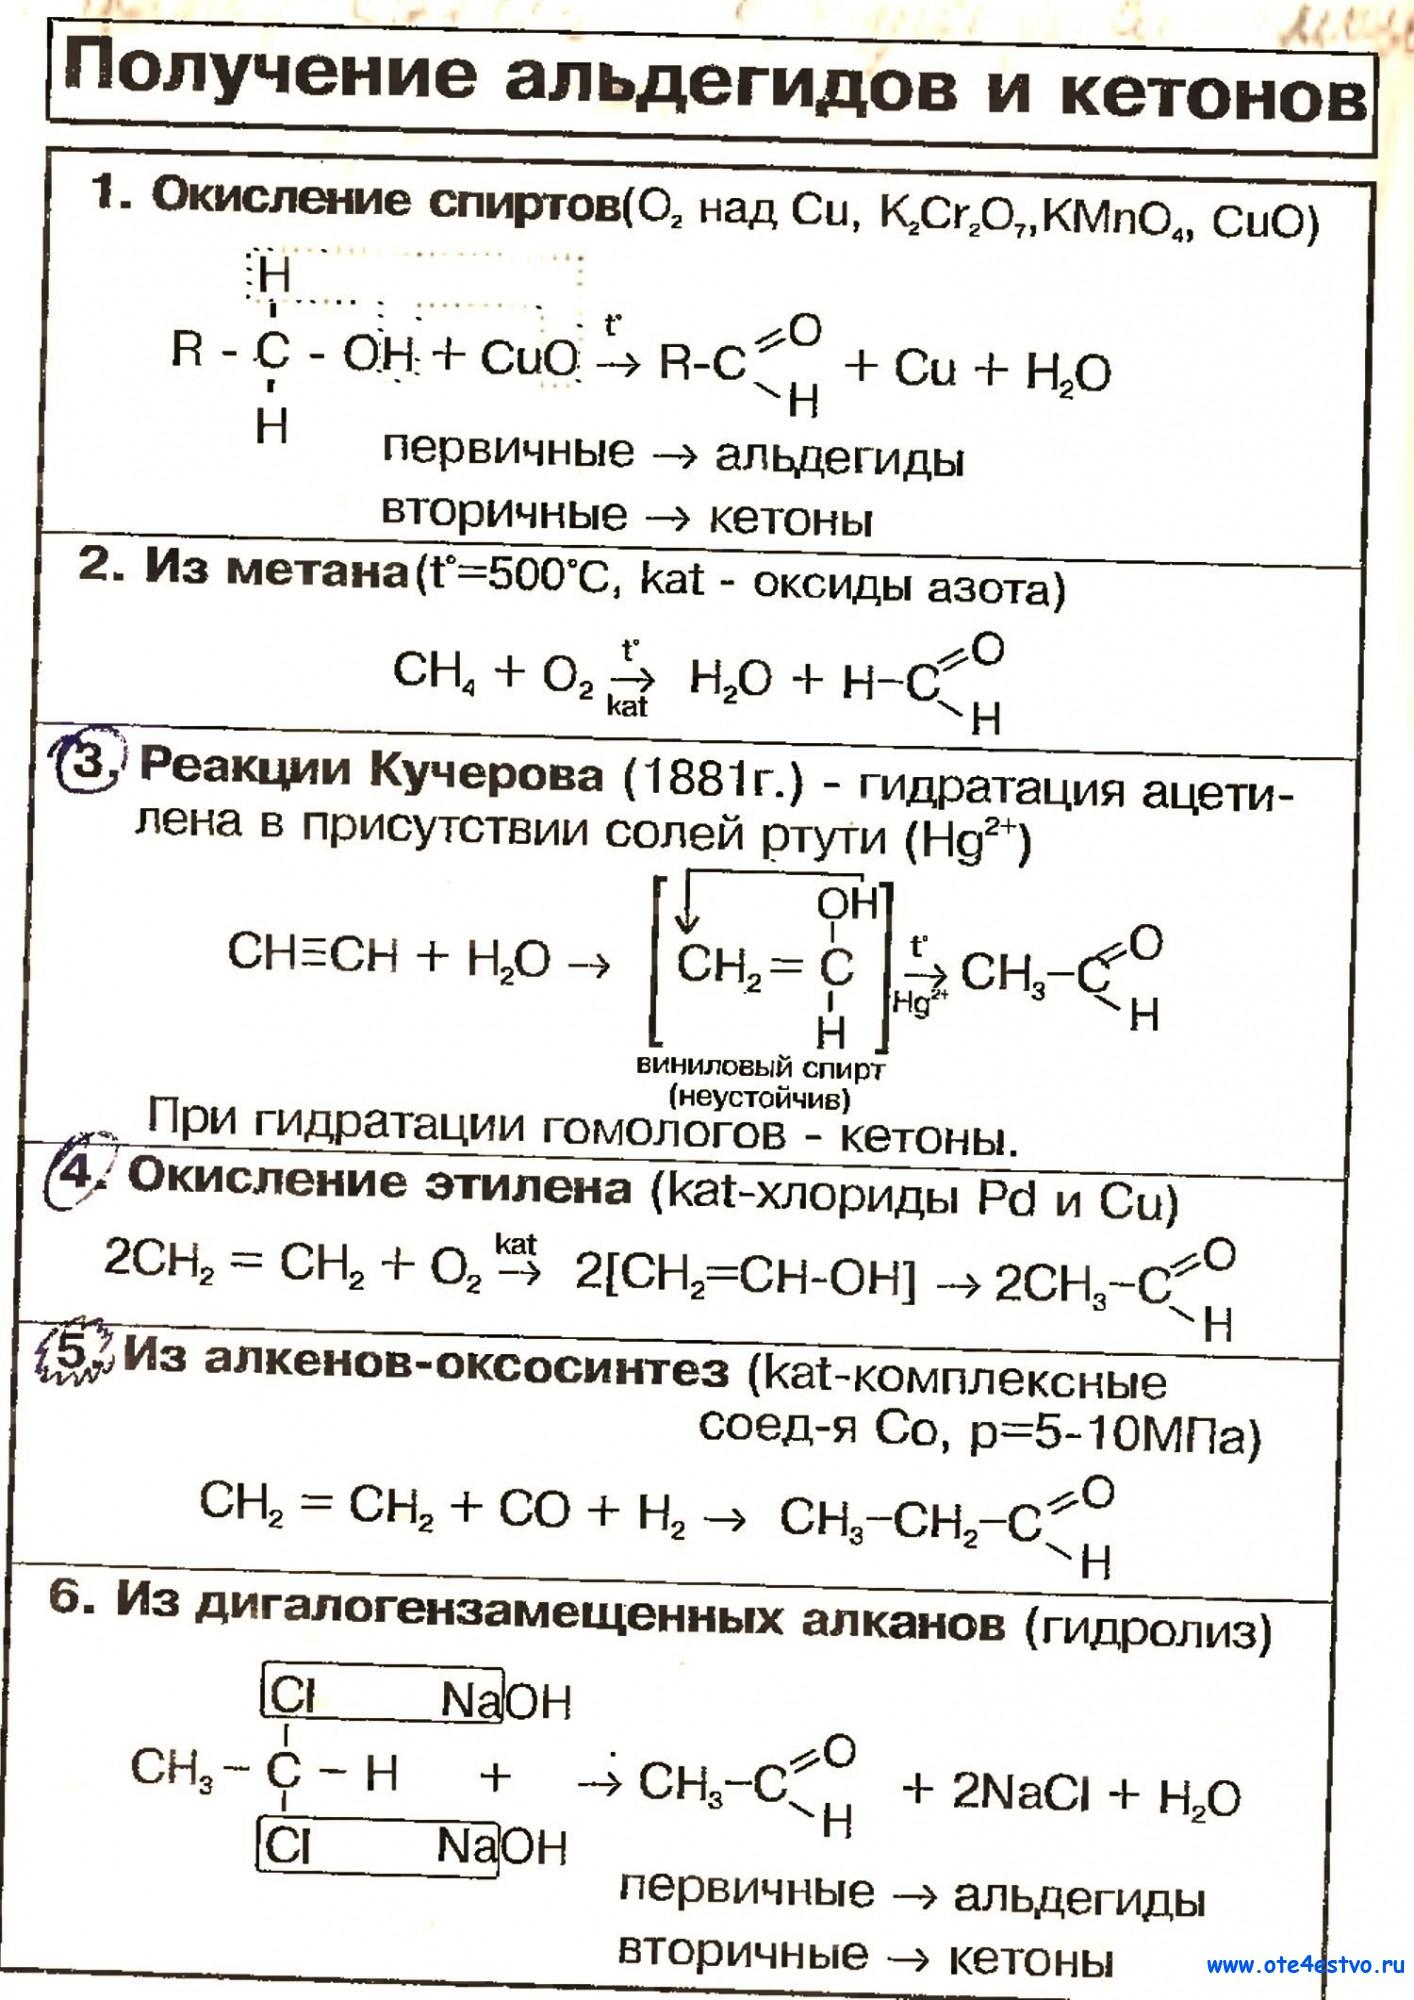 большая схема, способы получение и применение альдегидов и кетонов область